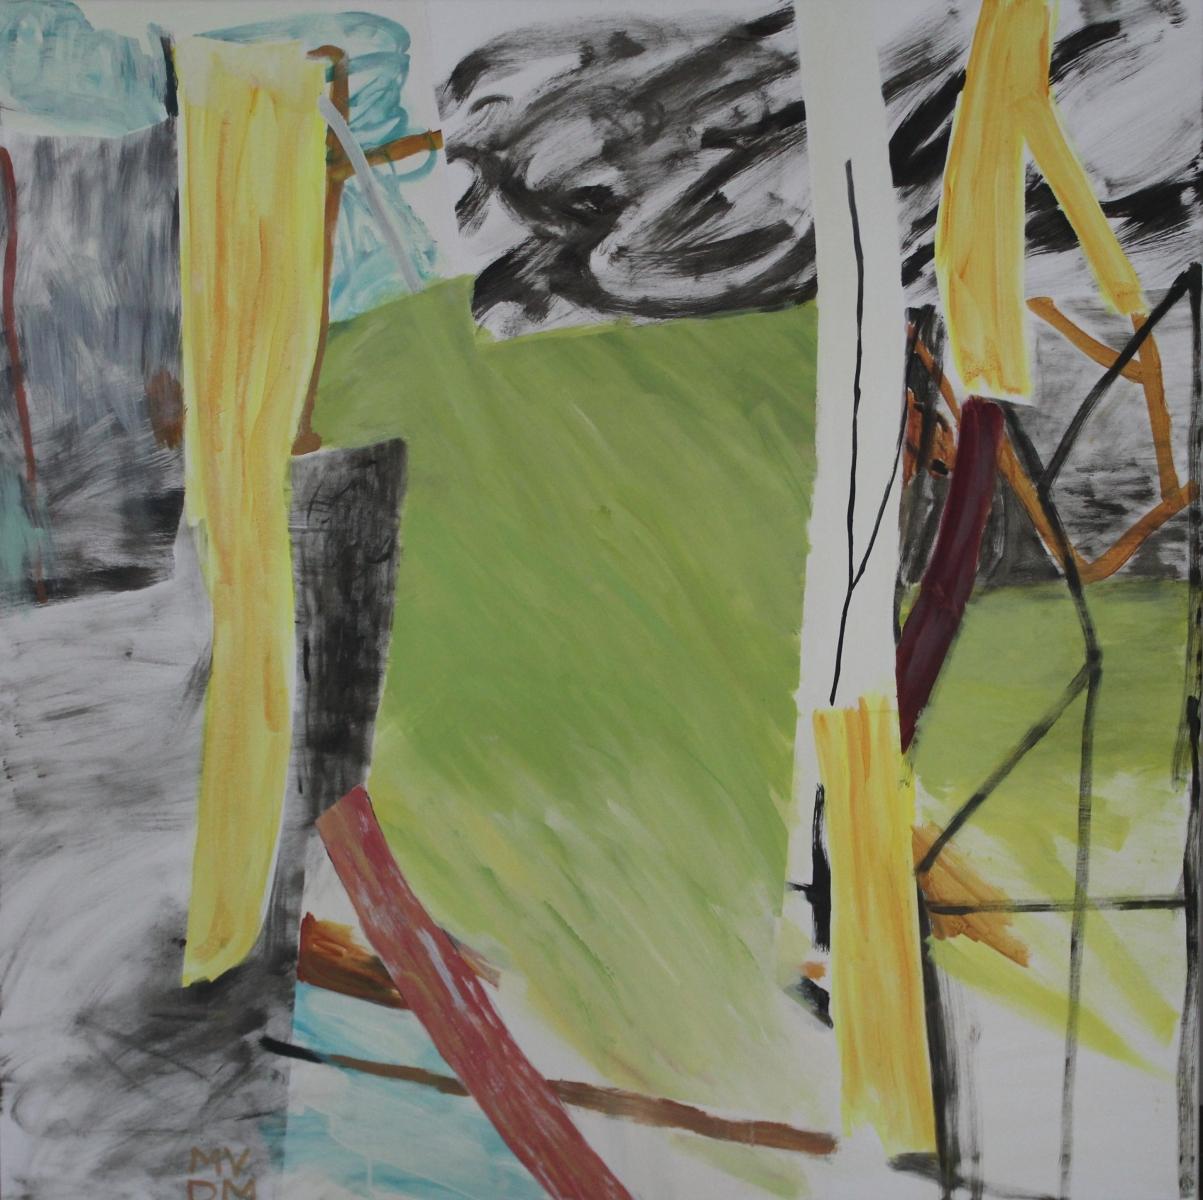 zaak 1314966 - stichting kunst- en cultuur4daagse midden-drenthe 6 kunstprojecten over vrijheid-IMG_3253